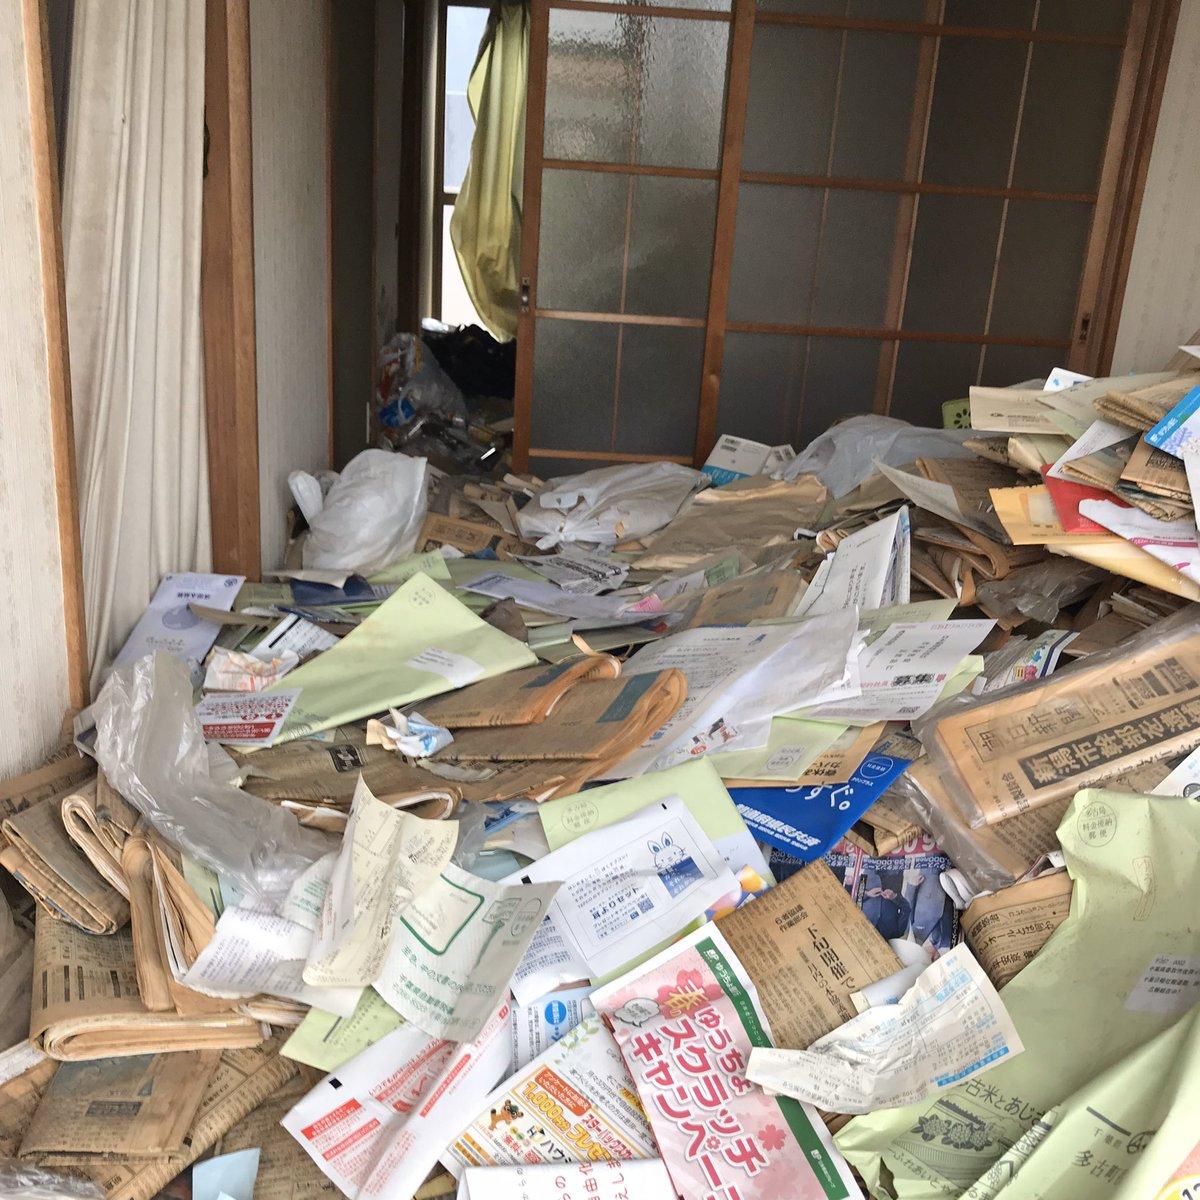 令和2年末もいよいよ始まり、1/6より仕事始めとなります。今年もなにとぞよろしくお願い申し上げます🤲 千葉県茨城県の遺品整理はジャパンプラネットへお任せください。📲09012144932#遺品整理ジャパンプラネット